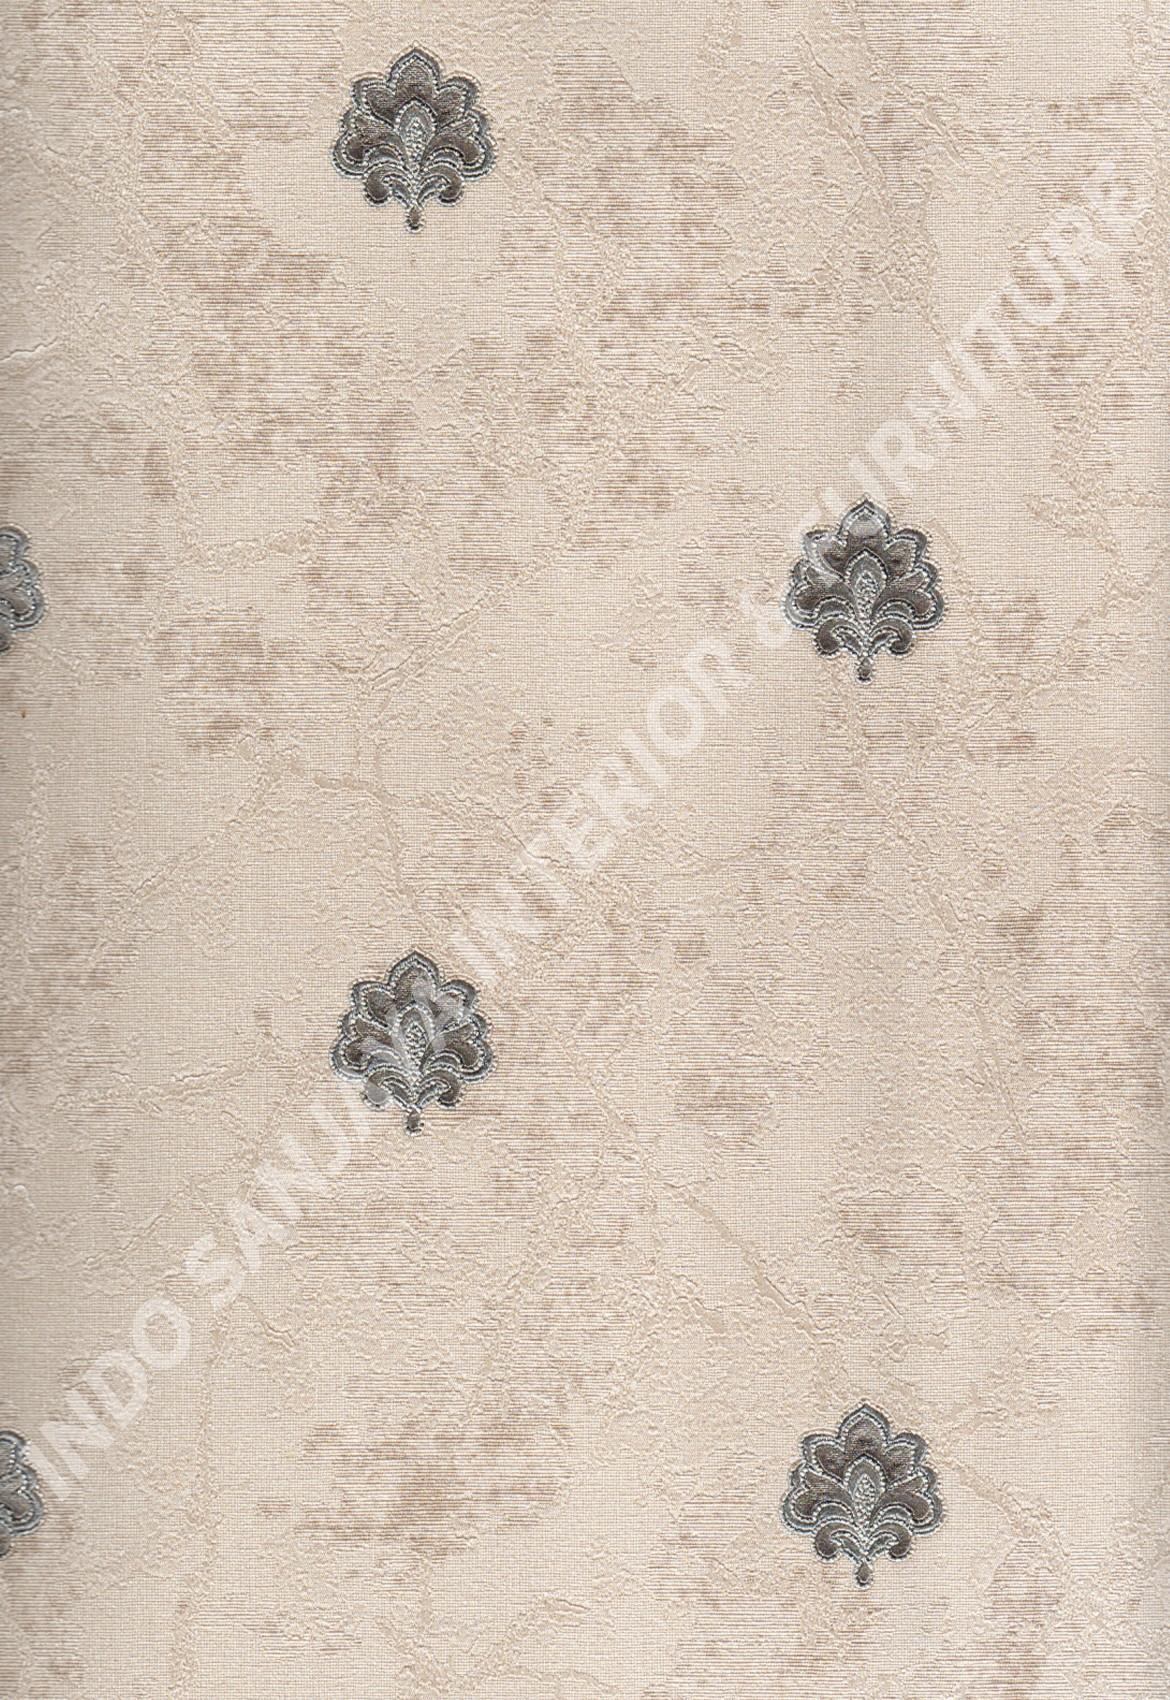 wallpaper   Wallpaper Klasik Batik (Damask) 8115-5:8115-5 corak  warna